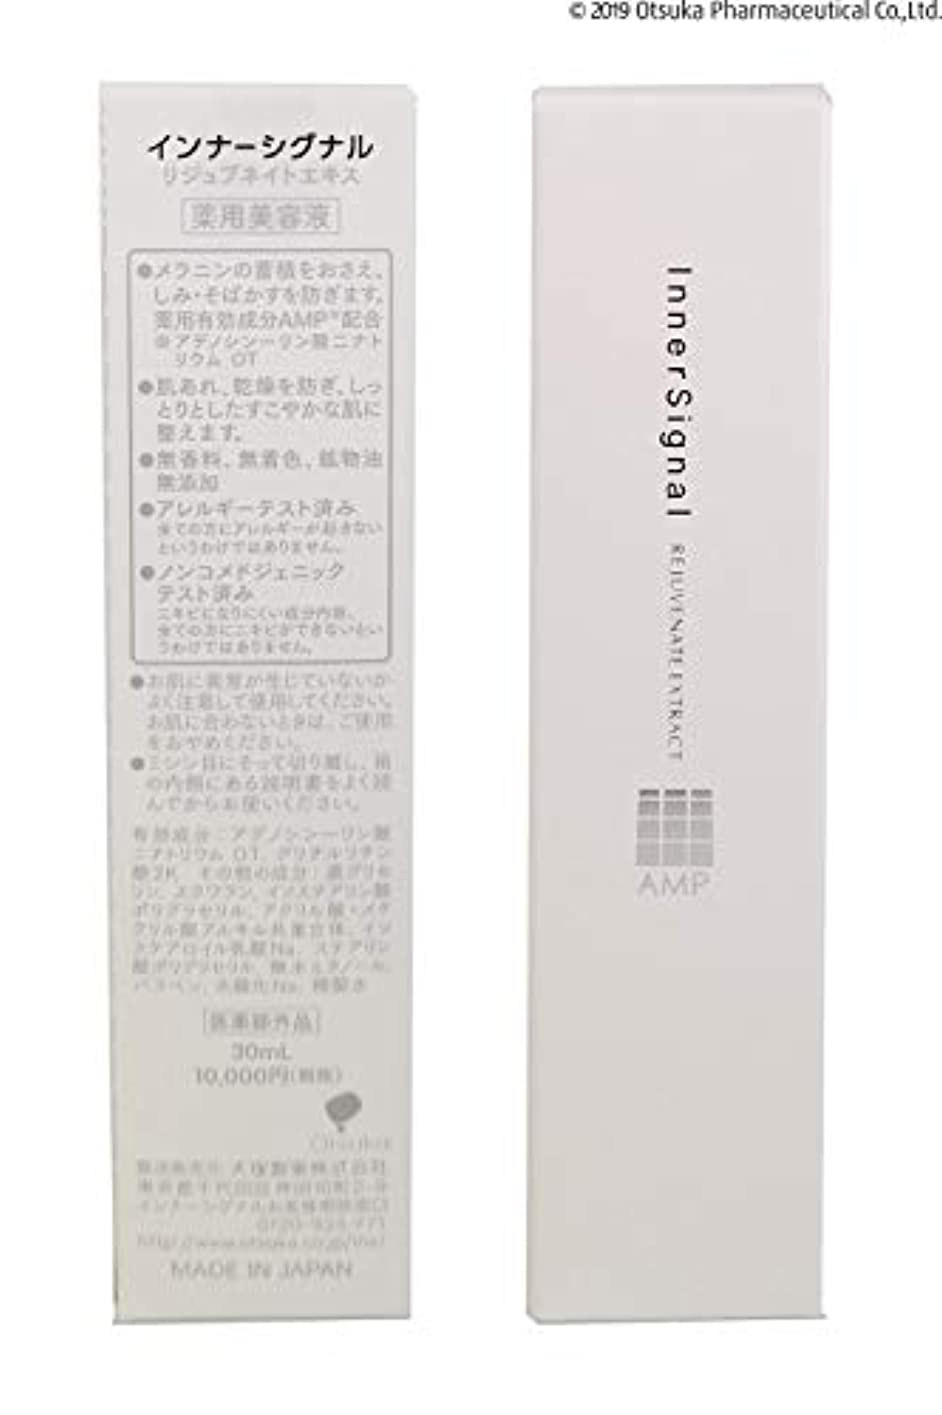 気分外出解任大塚製薬 【医薬部外品】 インナーシグナル エキス 30mL (薬用美容液)52981